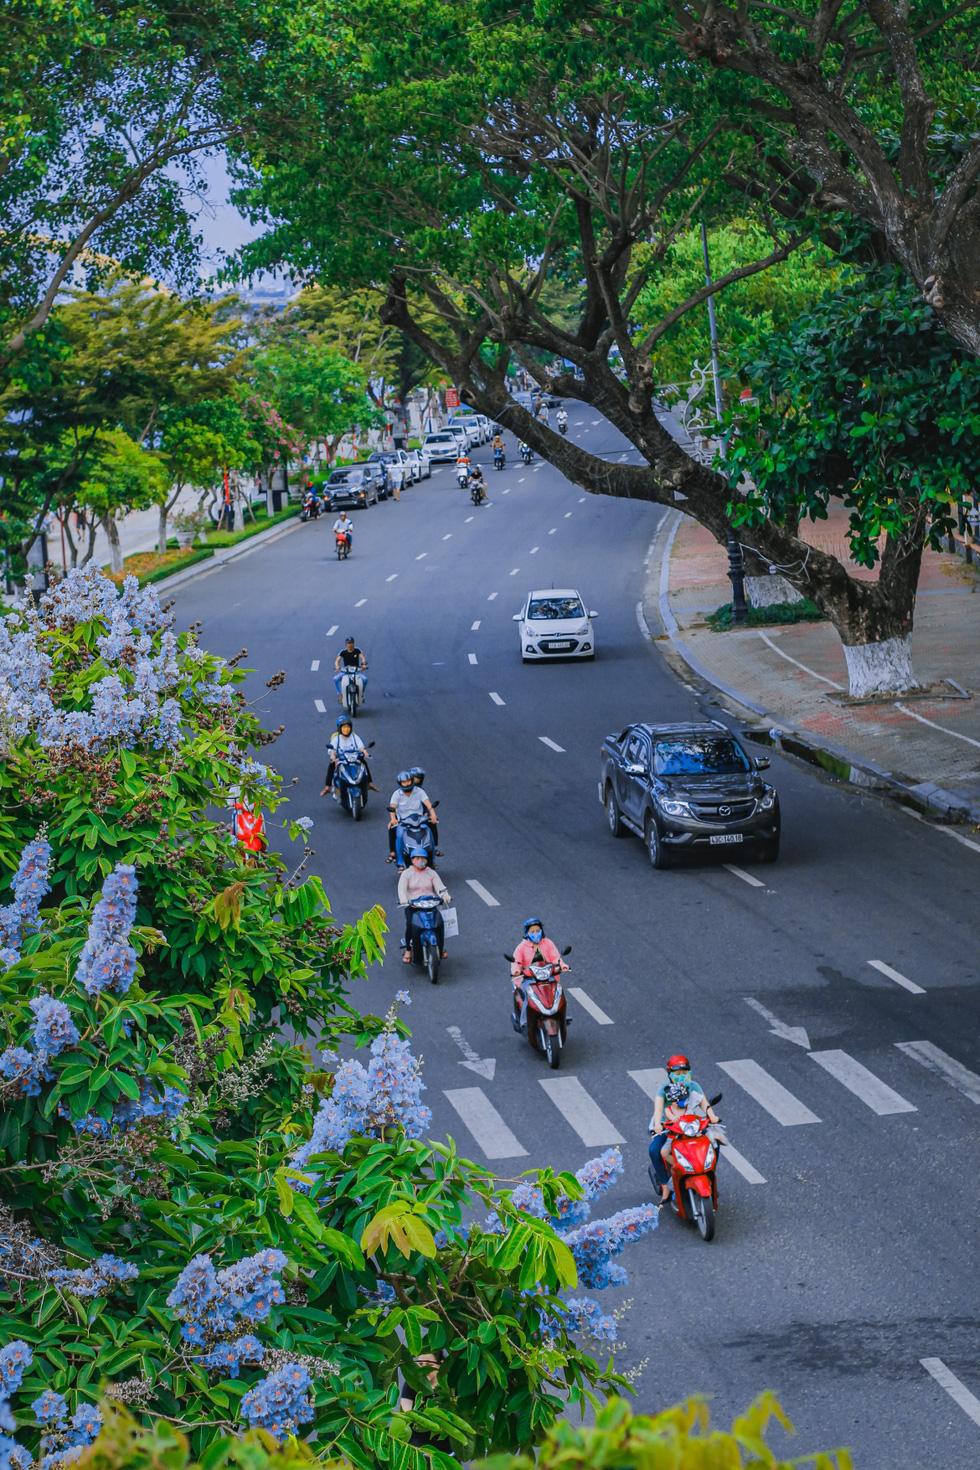 Kiếm tìm một Quảng Nam - Đà Nẵng sau ánh hào quang du lịch - Ảnh 1.